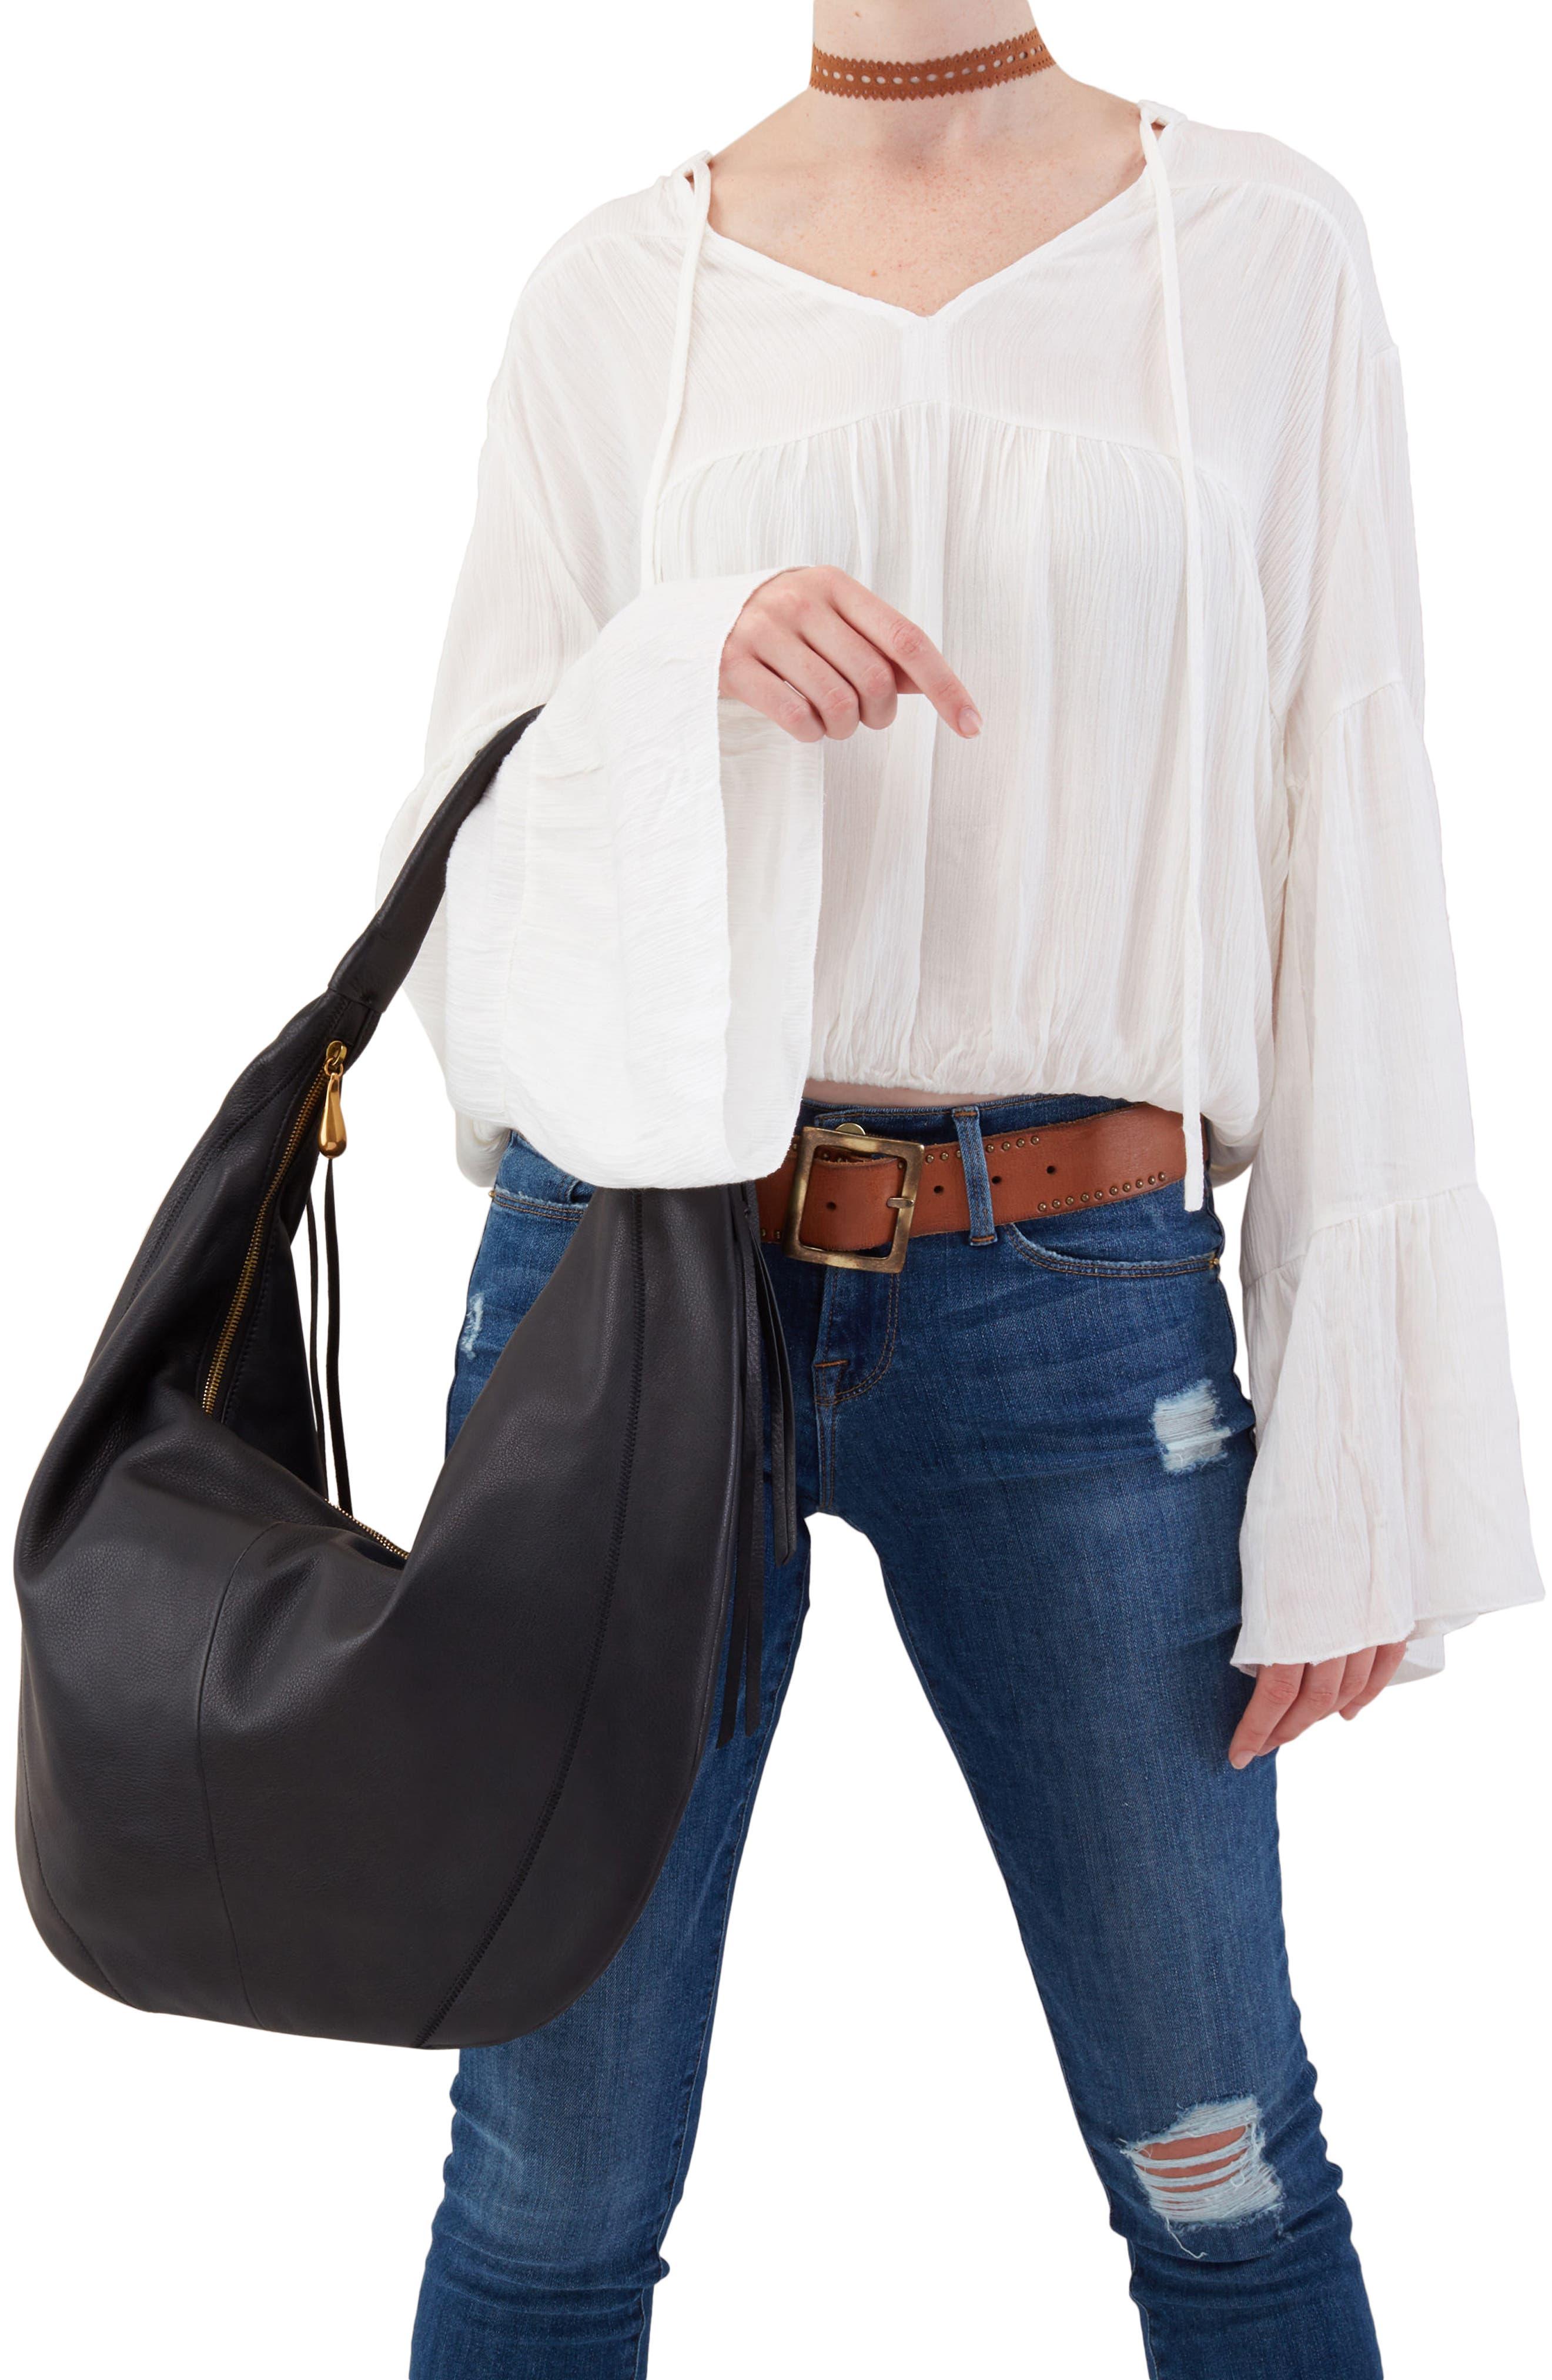 Kindred Leather Shoulder Bag,                             Alternate thumbnail 2, color,                             001